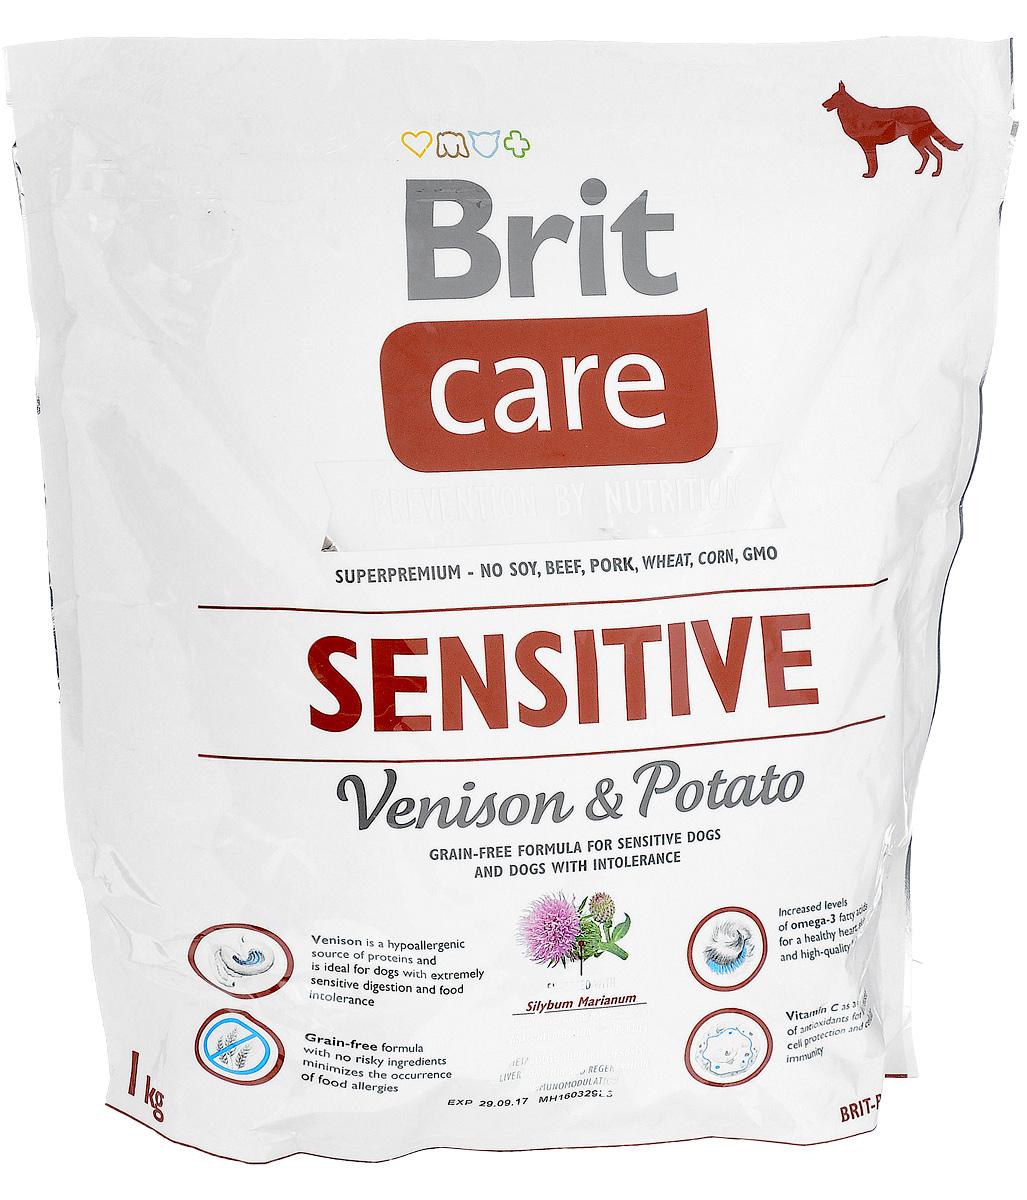 Корм сухой Brit Care Sensitive для собак с чувствительным пищеварением, с олениной и картофелем, 1 кг8595602510825Сухой полнорационный корм Brit Care Sensitive предназначен для собак с чувствительным пищеварением и при пищевой непереносимости. Специально разработанный состав улучшает баланс микрофлоры кишечника.Товар сертифицирован.